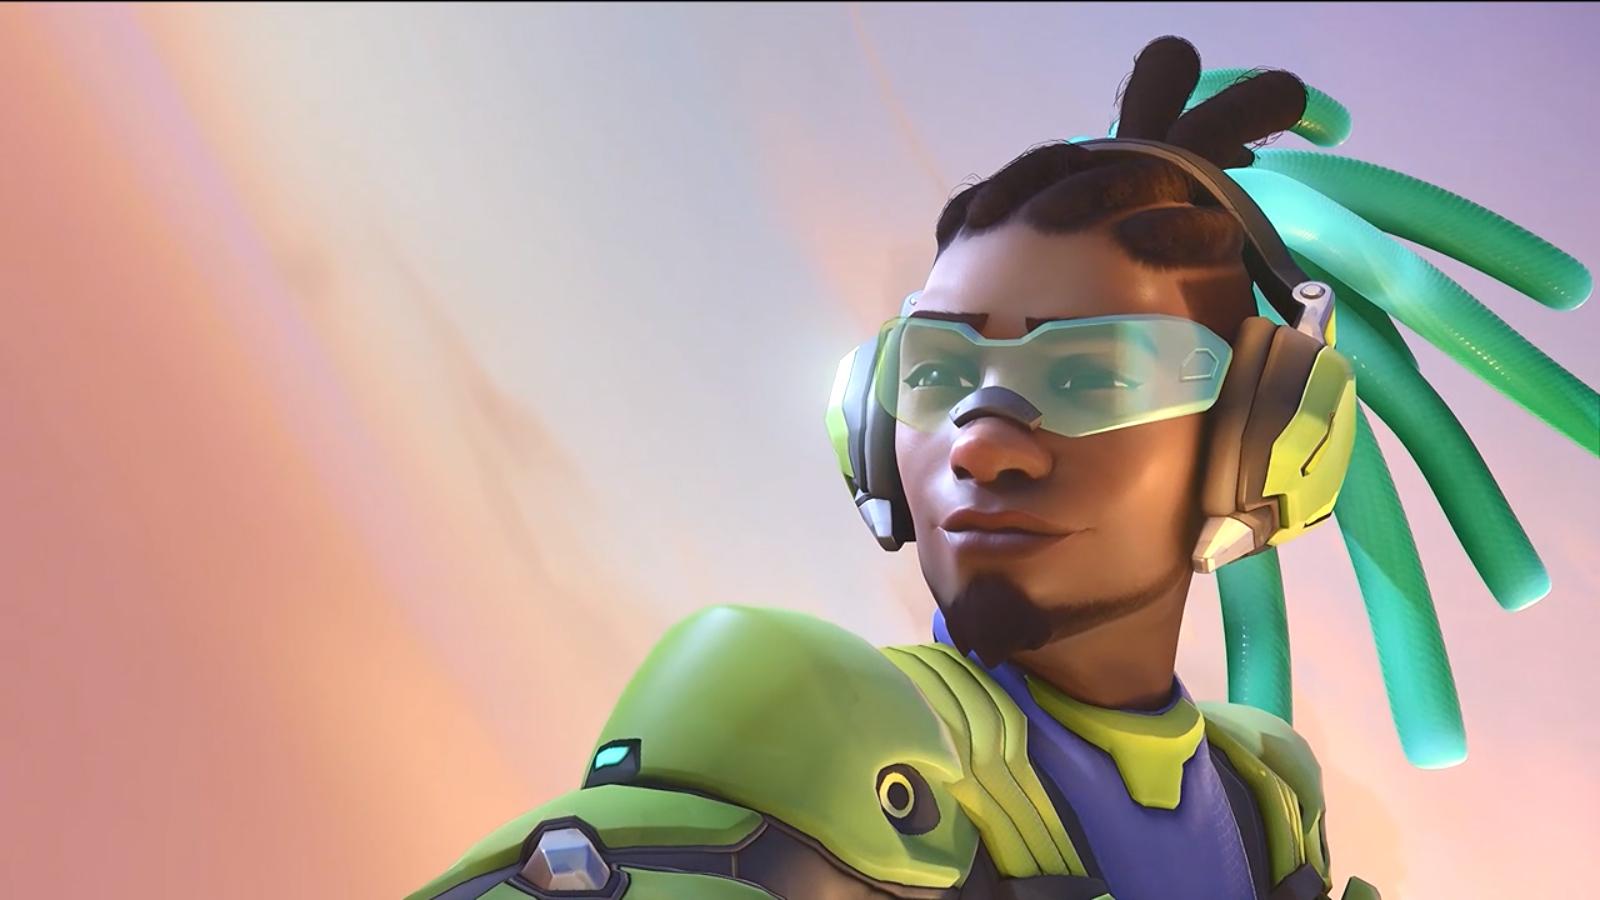 Nouveau modèle de Lucio dans Overwatch 2